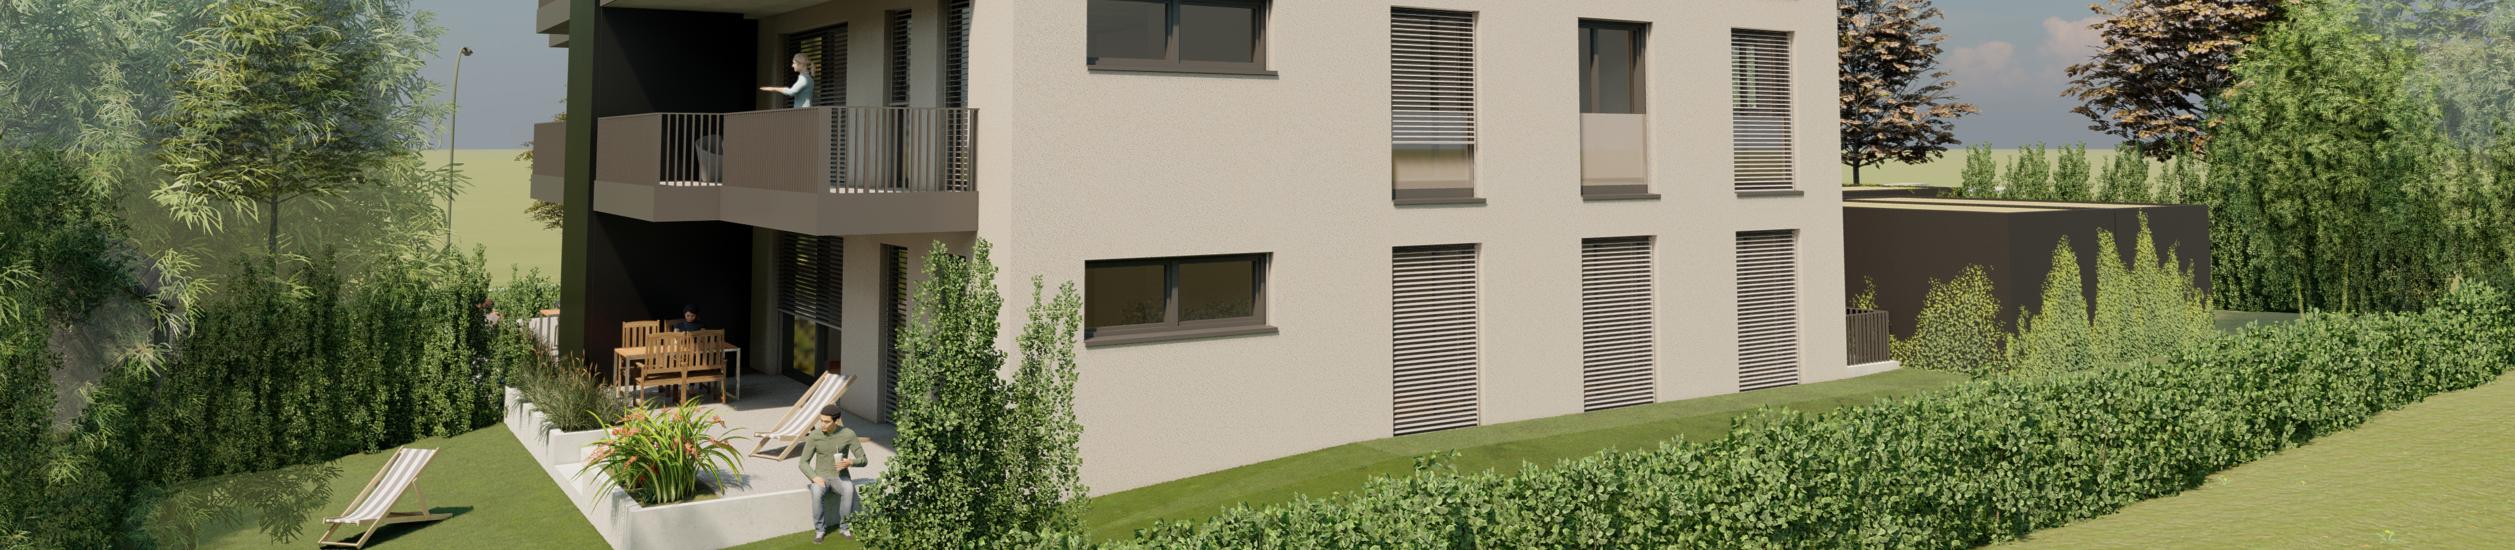 Neubau eines Mehrfamilienhauses in Lindau-Aeschach am Bühlweg